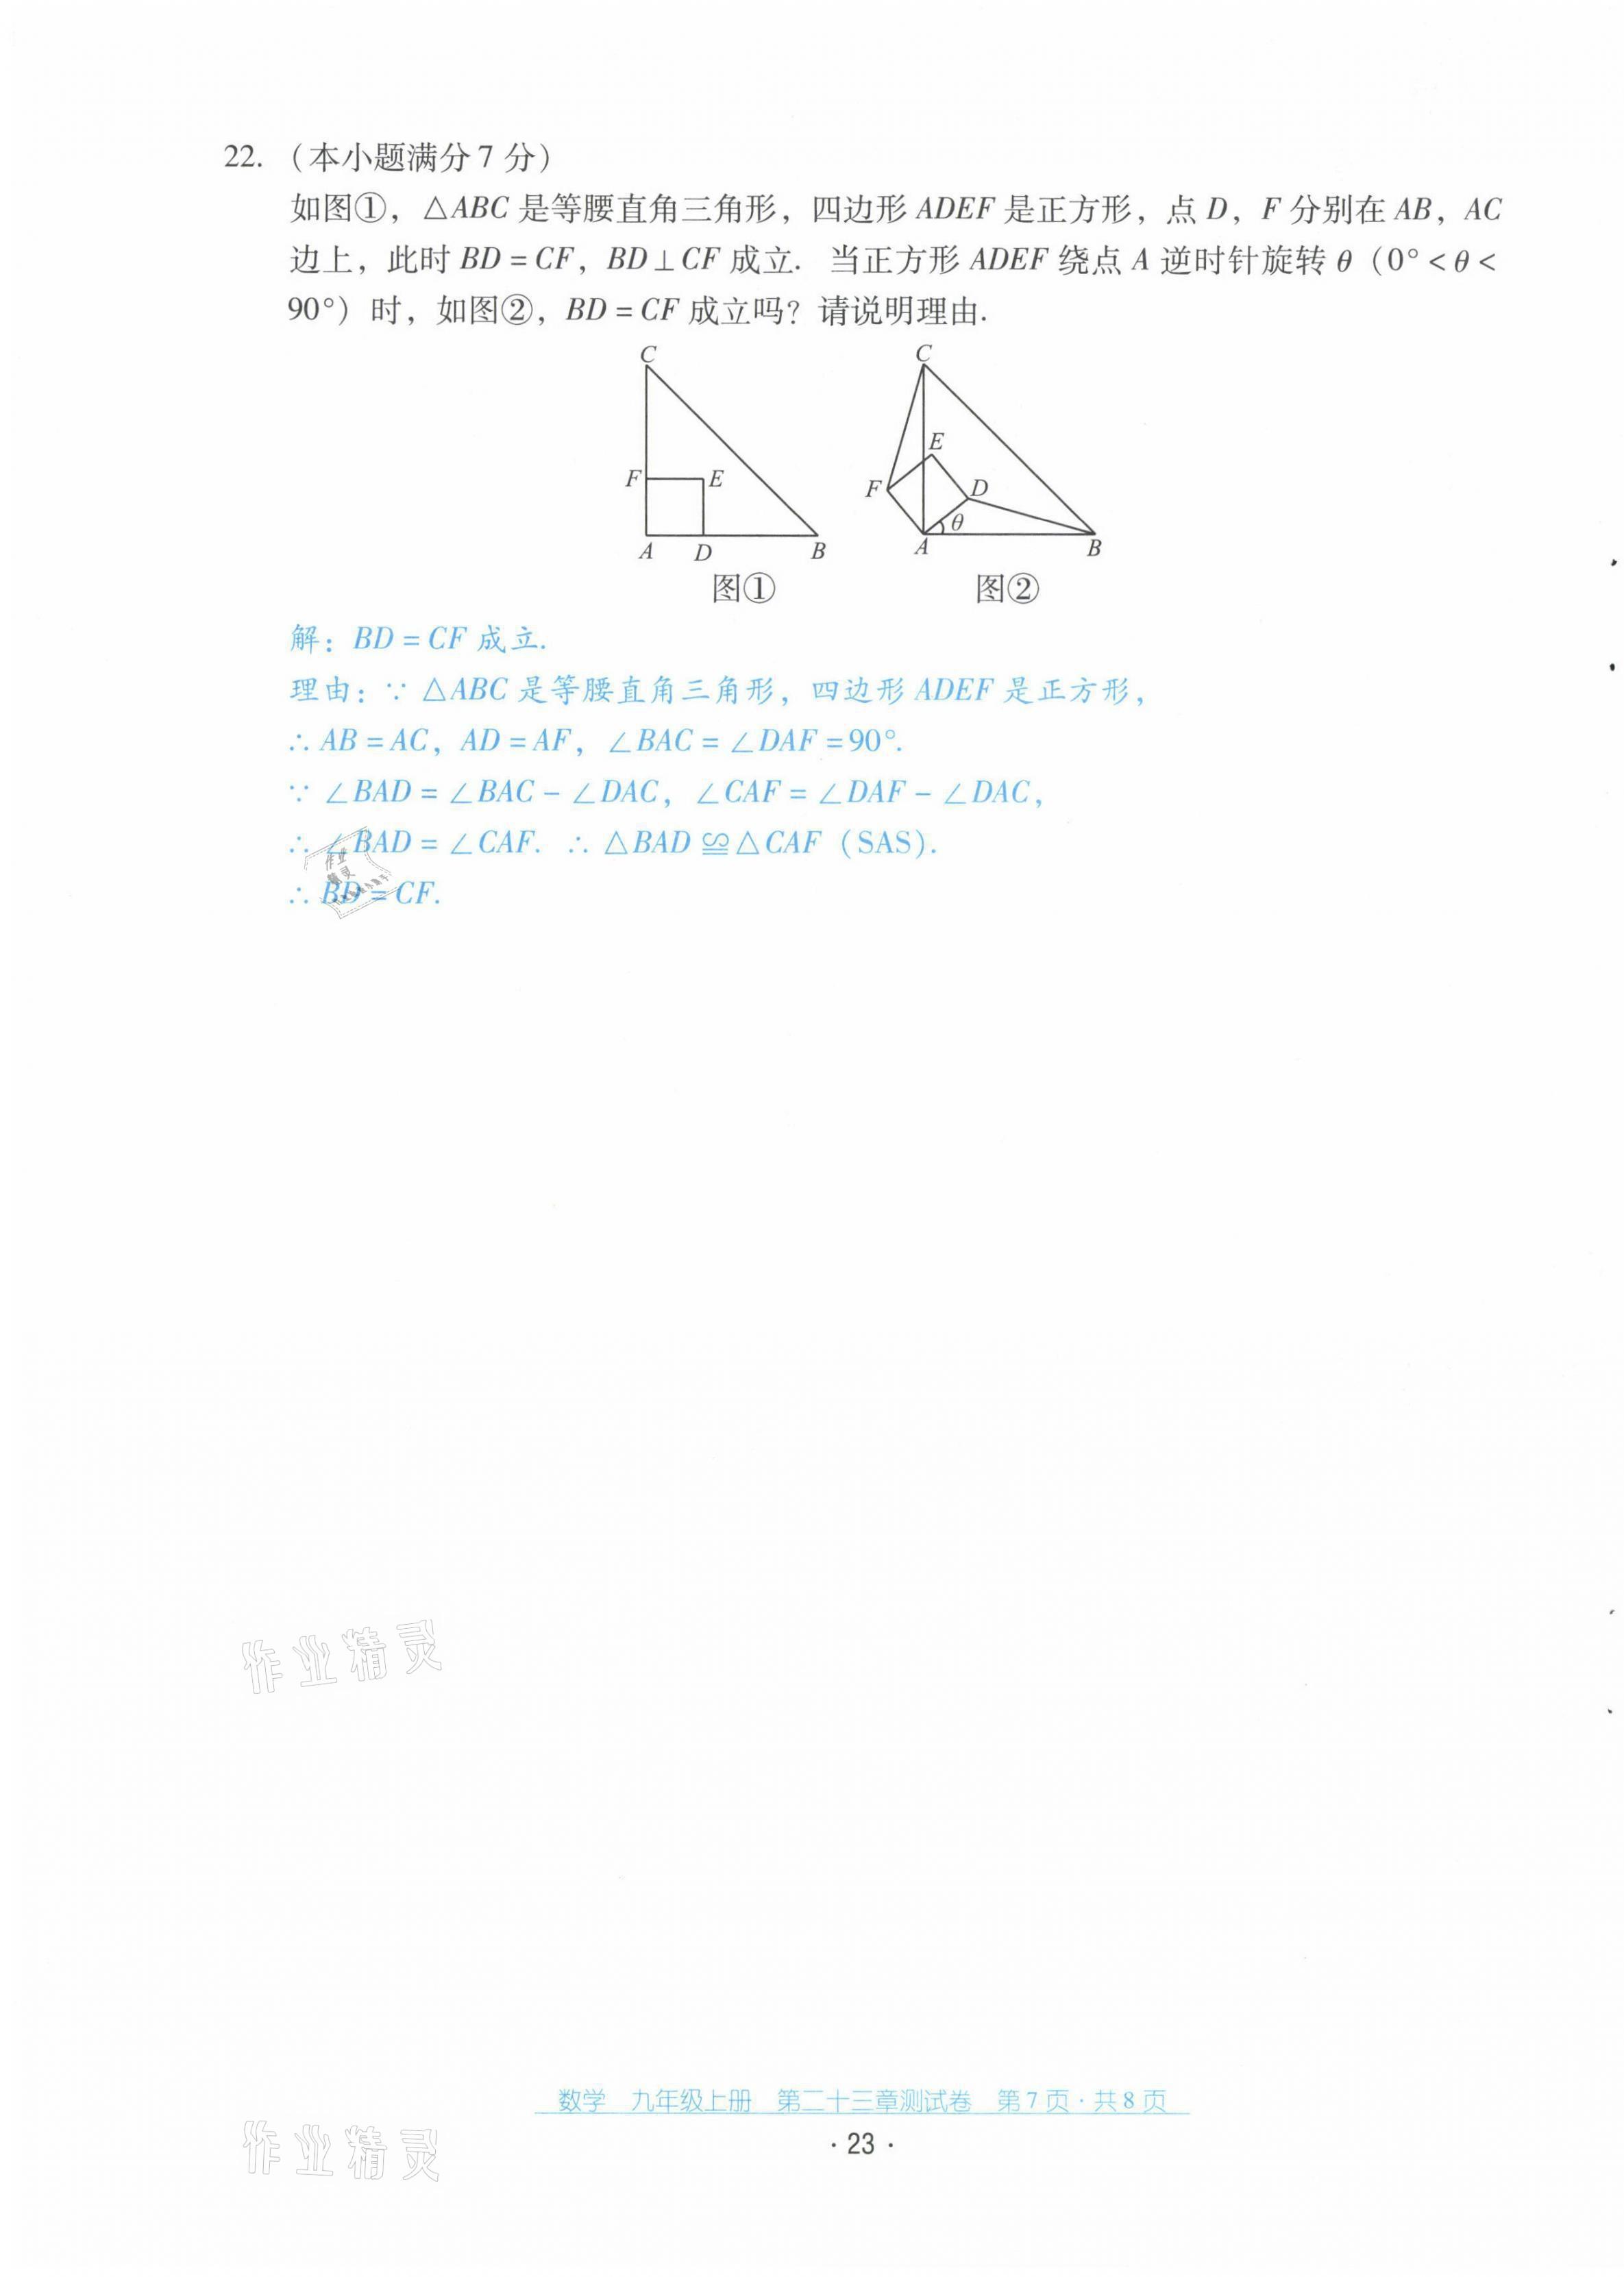 2021年云南省标准教辅优佳学案配套测试卷九年级数学上册人教版第23页